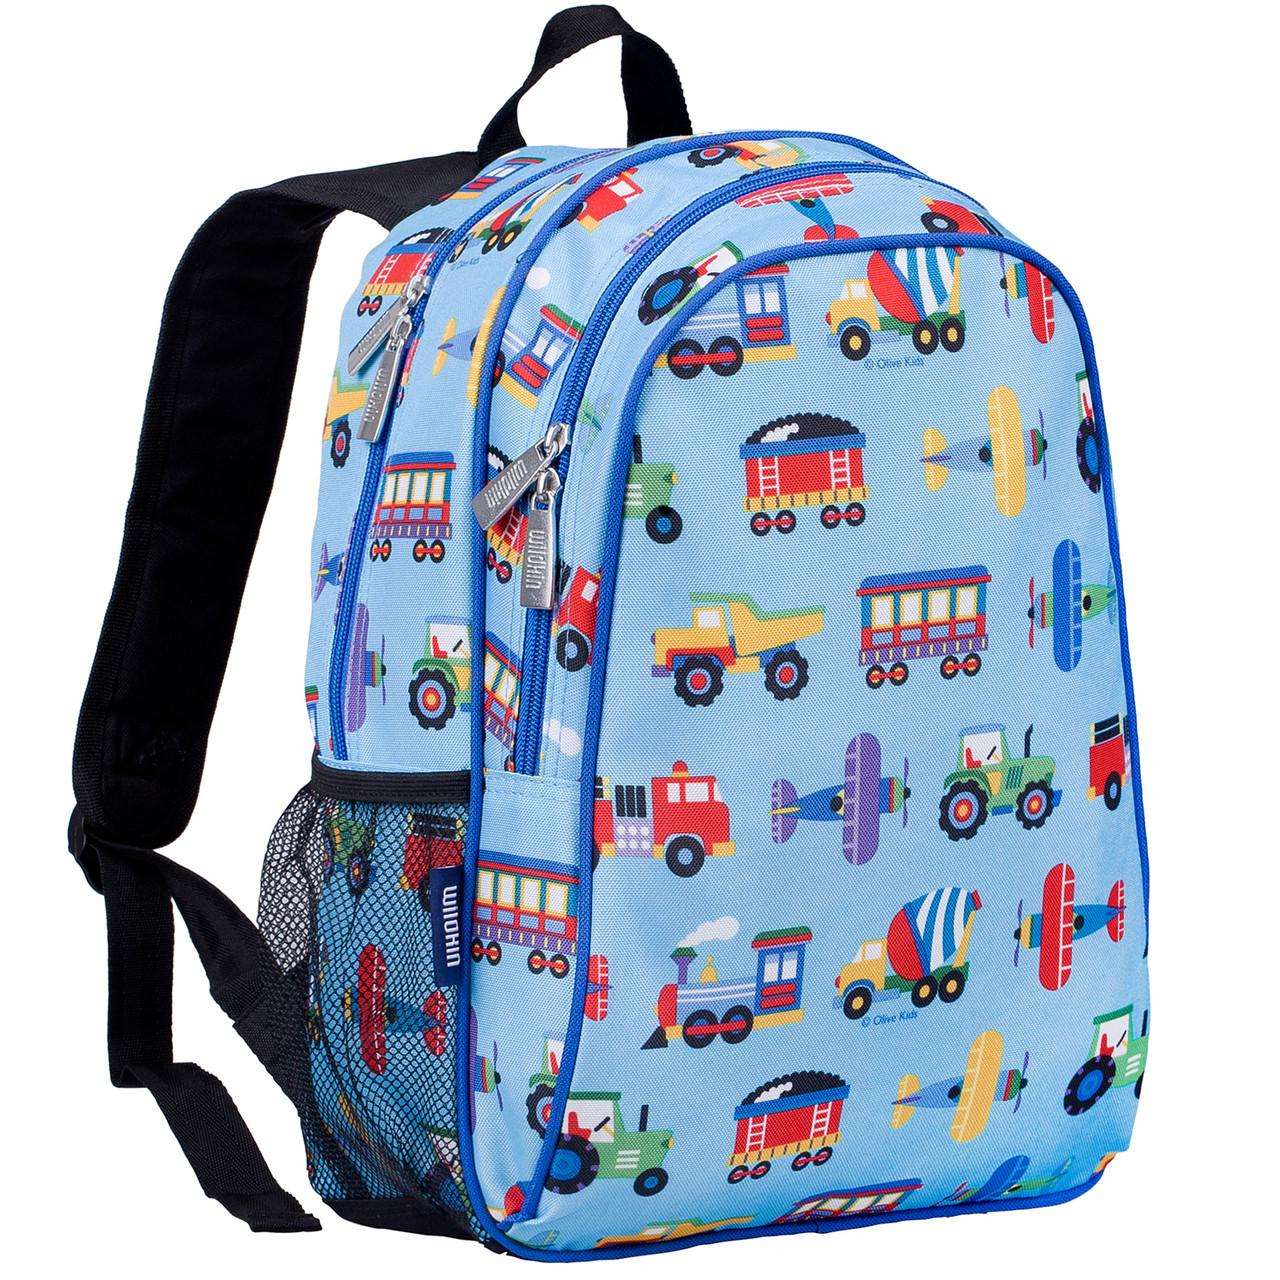 deb007e8486d Wildkin Olive Kids Backpack with Side Pocket - Transport